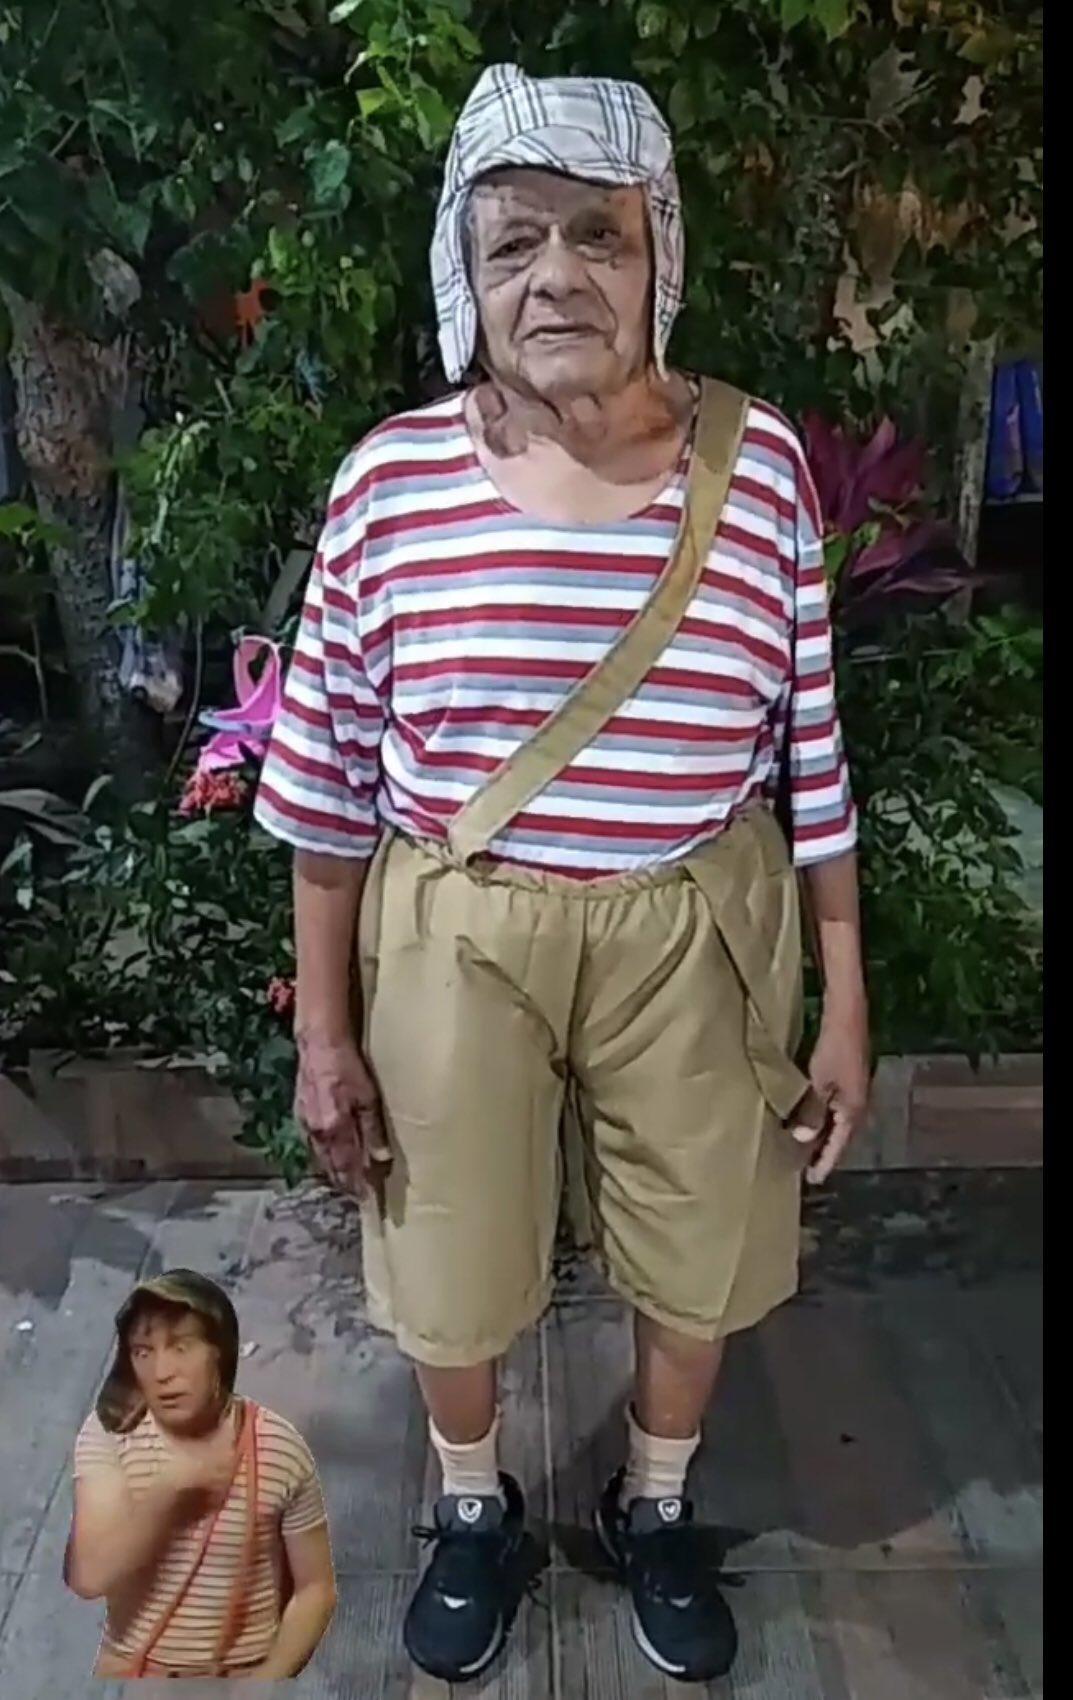 Con disfraz y todo: Familia organiza fiesta de 'El Chavo del 8' a abuelito de 92 años